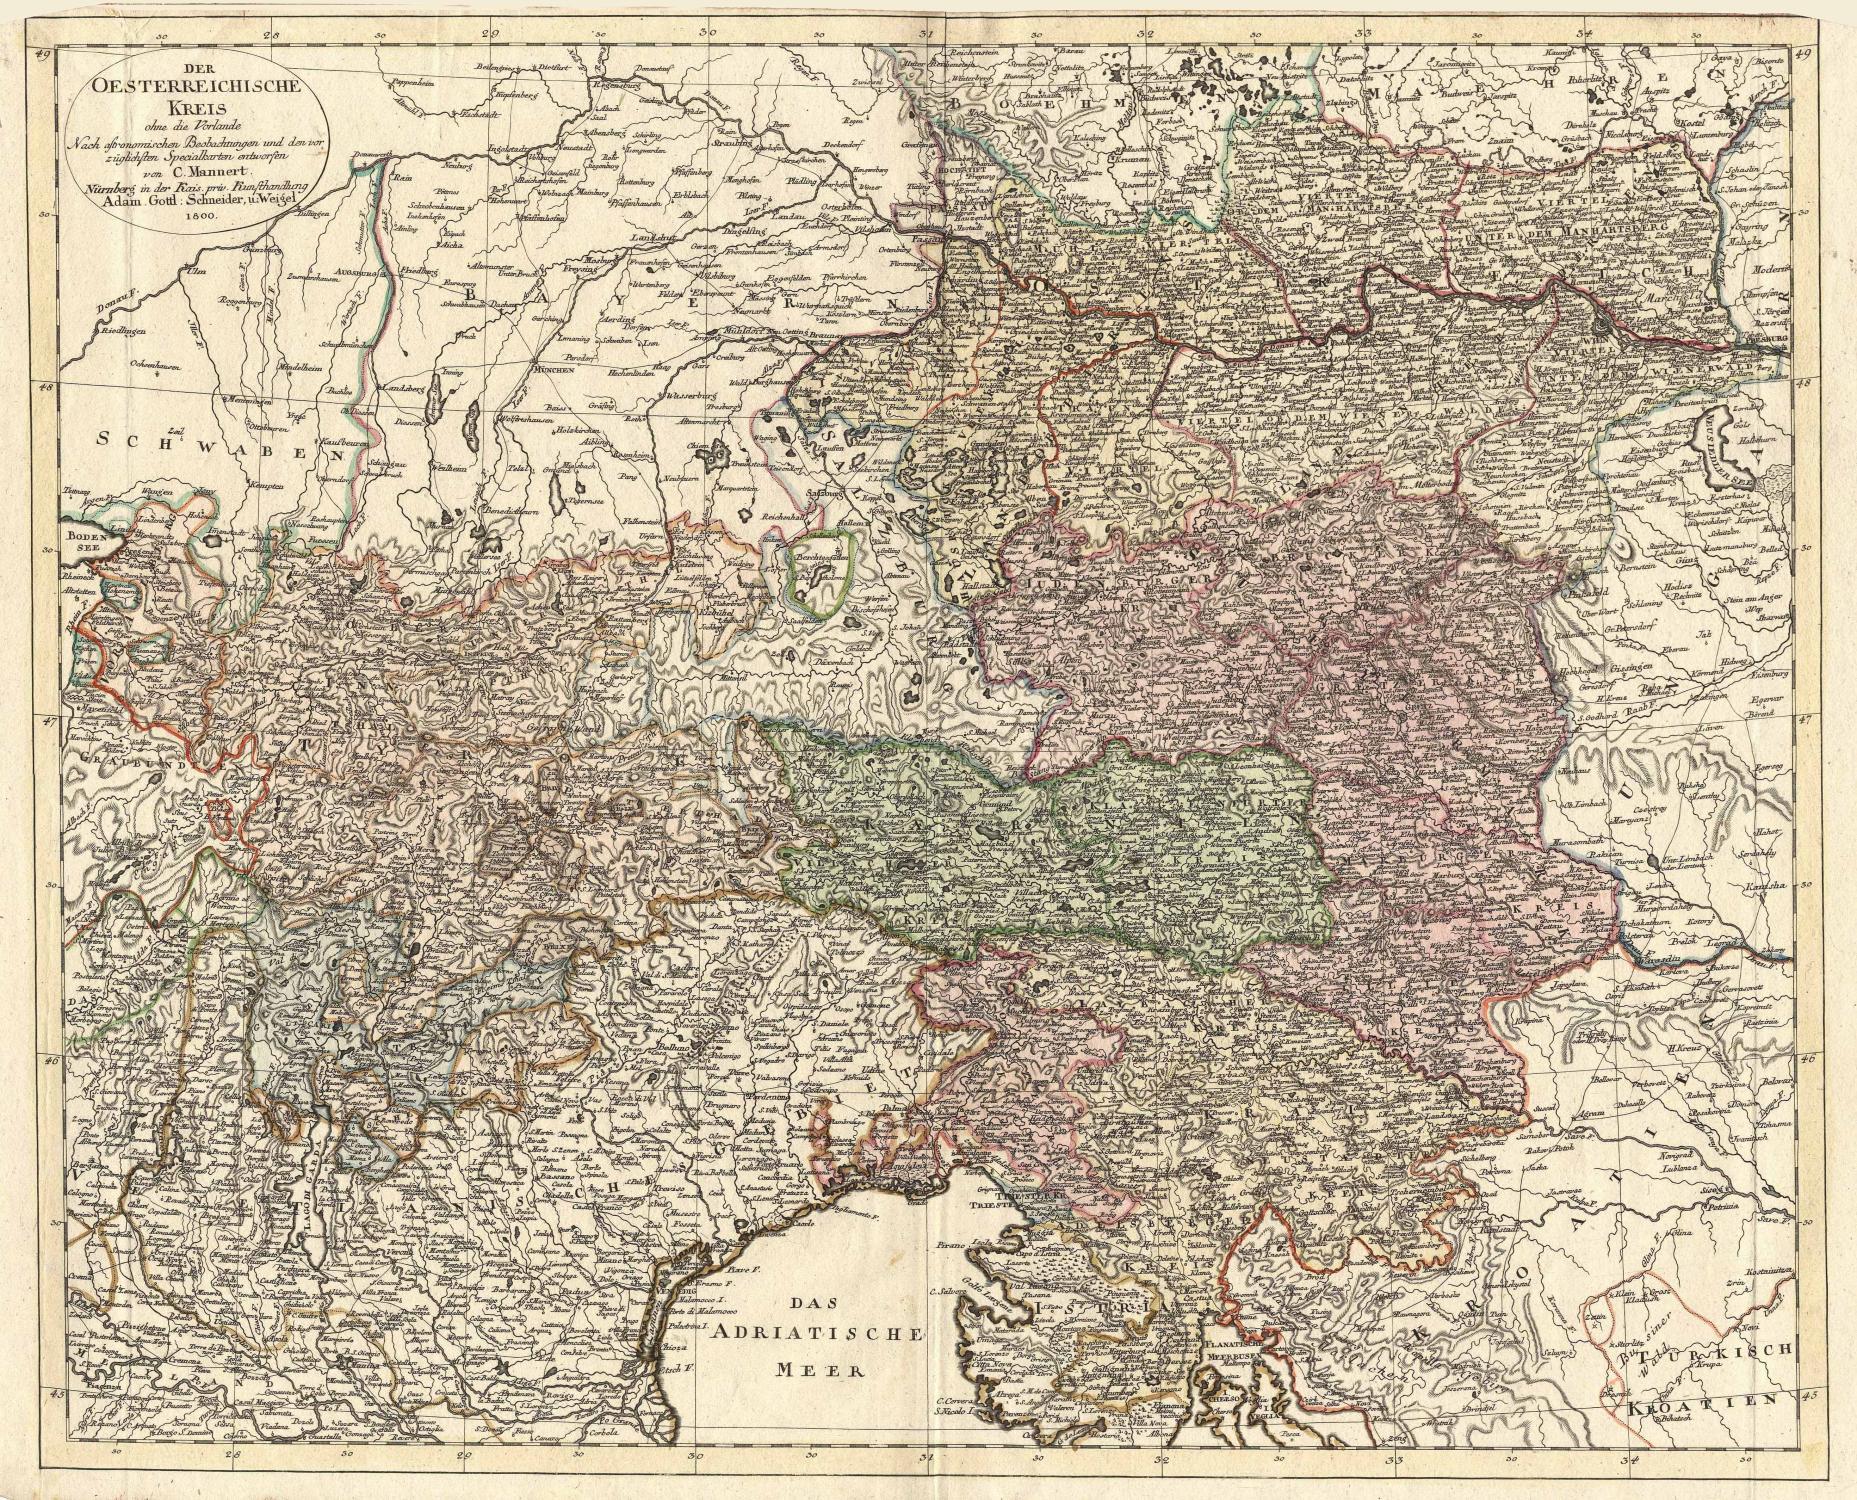 Der Oesterreichische Kreis ohne die Vorlande Nach: ÖSTERREICH (Austria) -